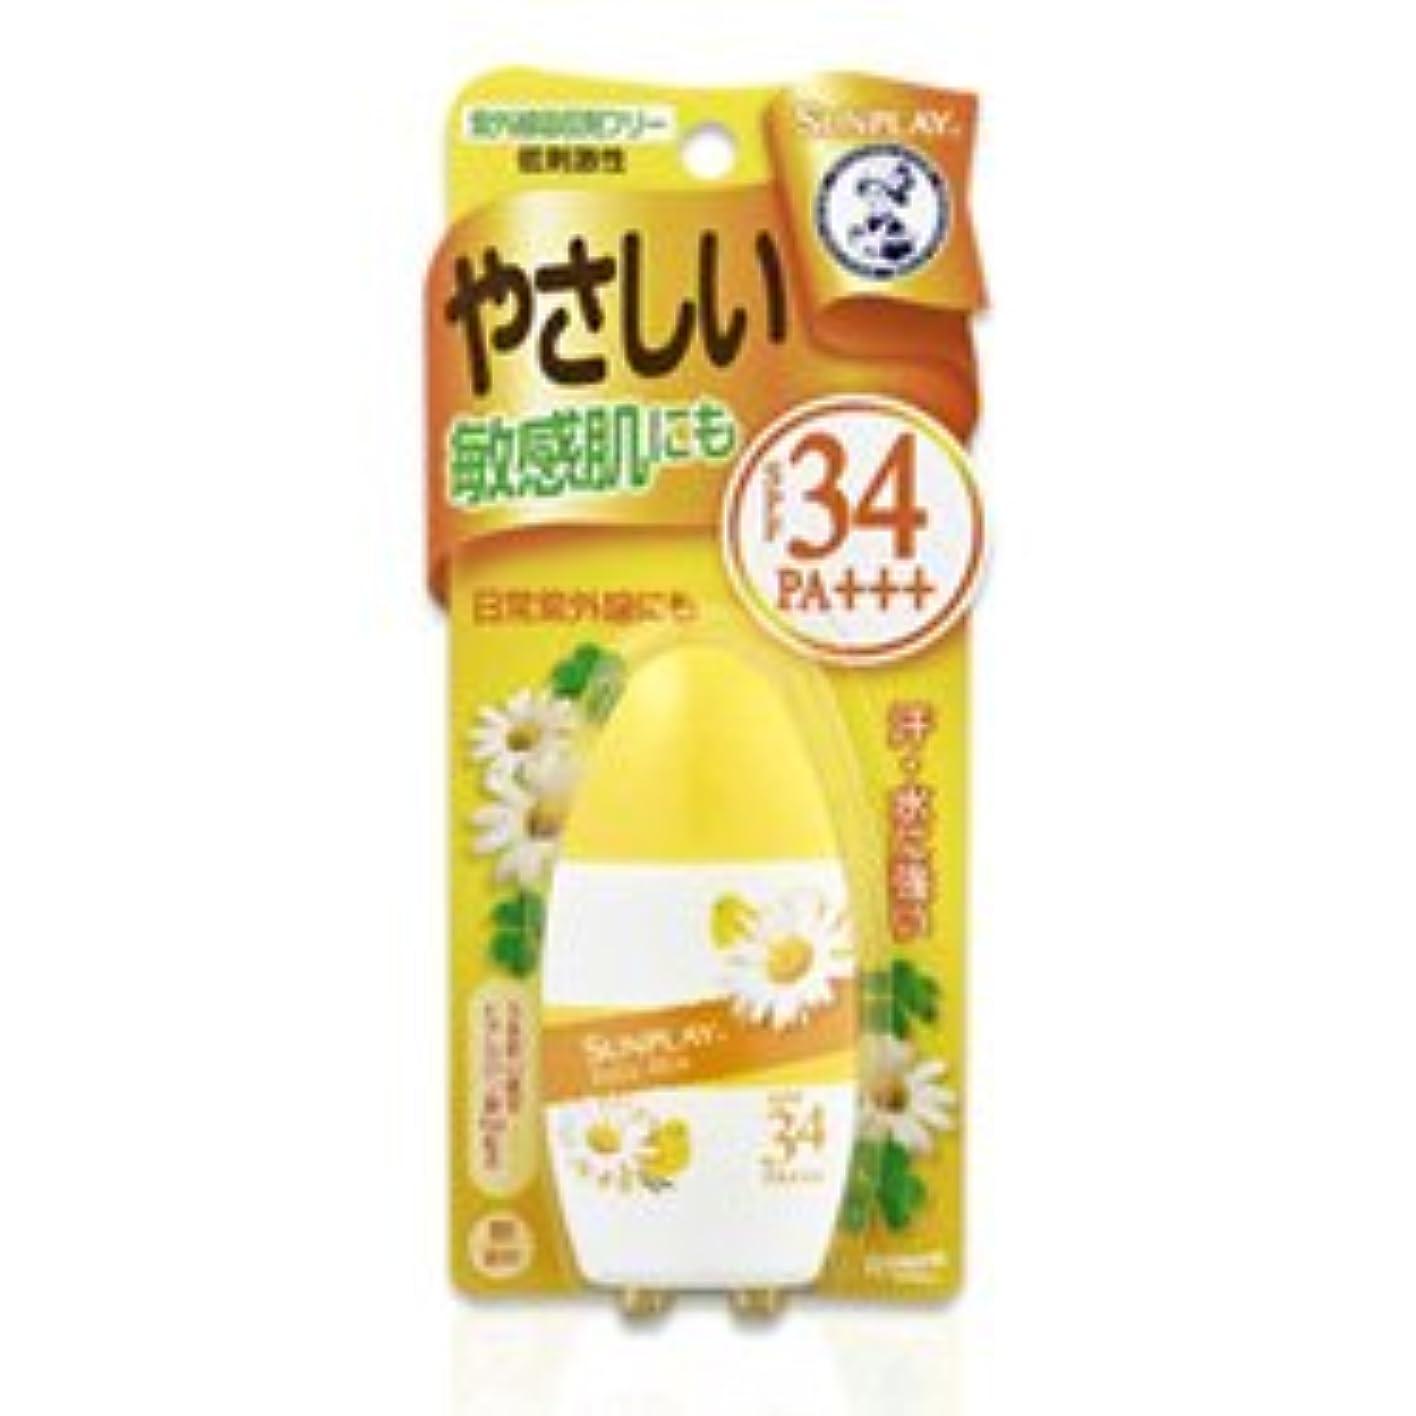 接ぎ木長方形週末【ロート製薬】メンソレータム サンプレイ ベビーミルク 30g ×20個セット